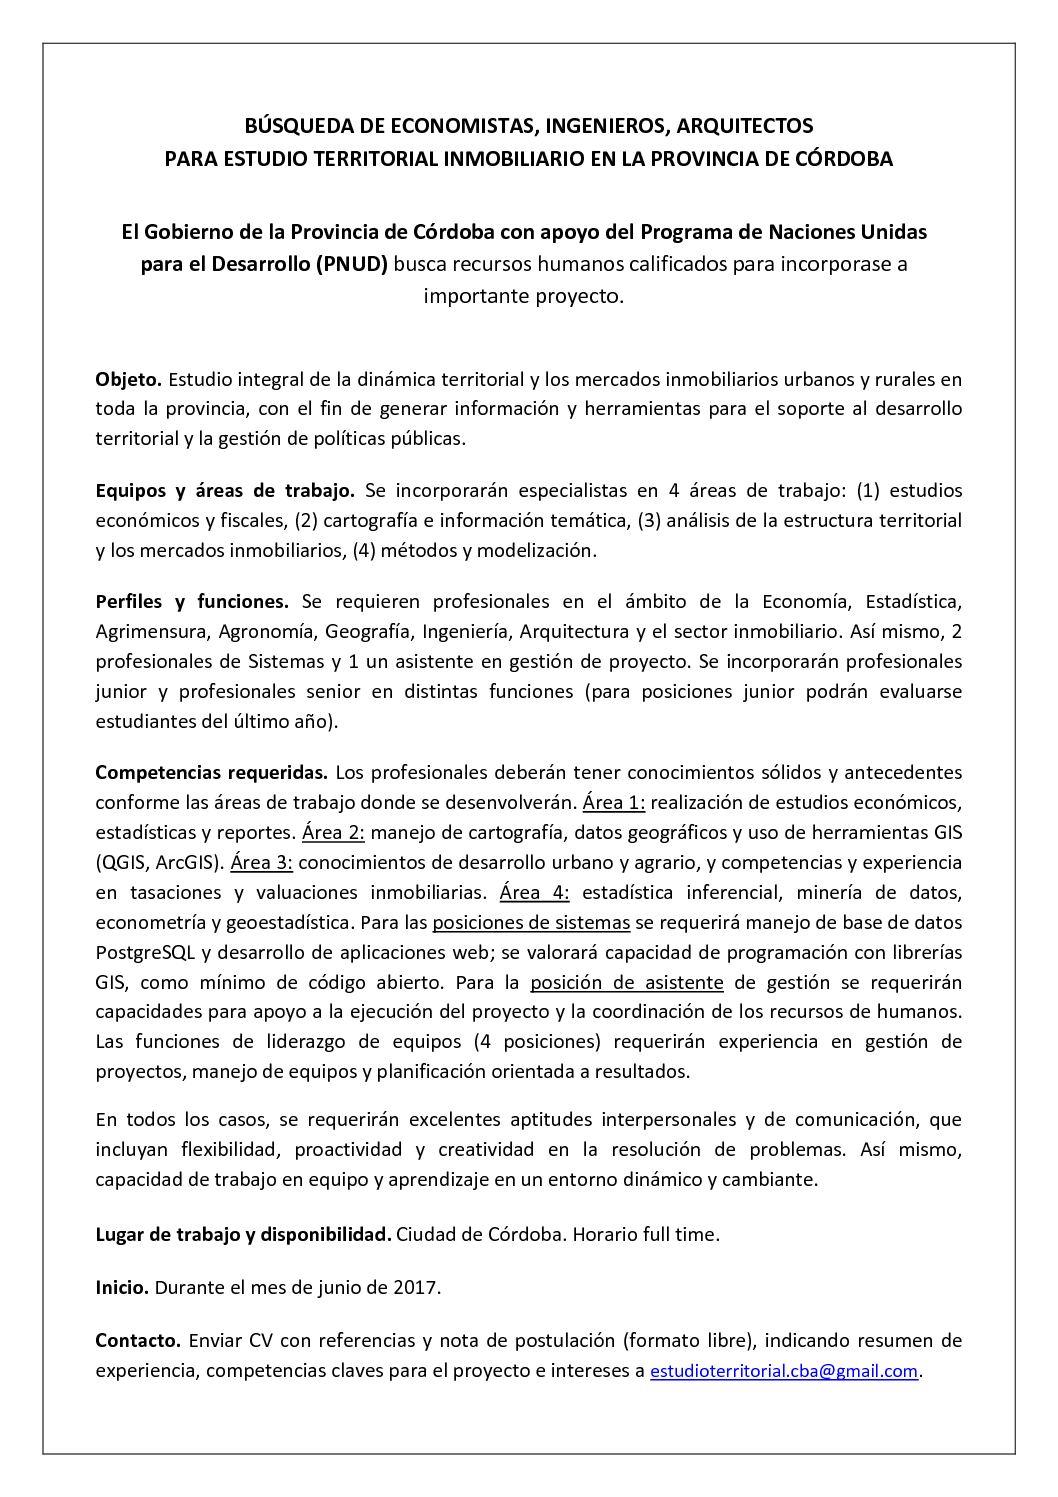 Calaméo - Busqueda Rrhh Estudio Territorial Inmobiliario Cba